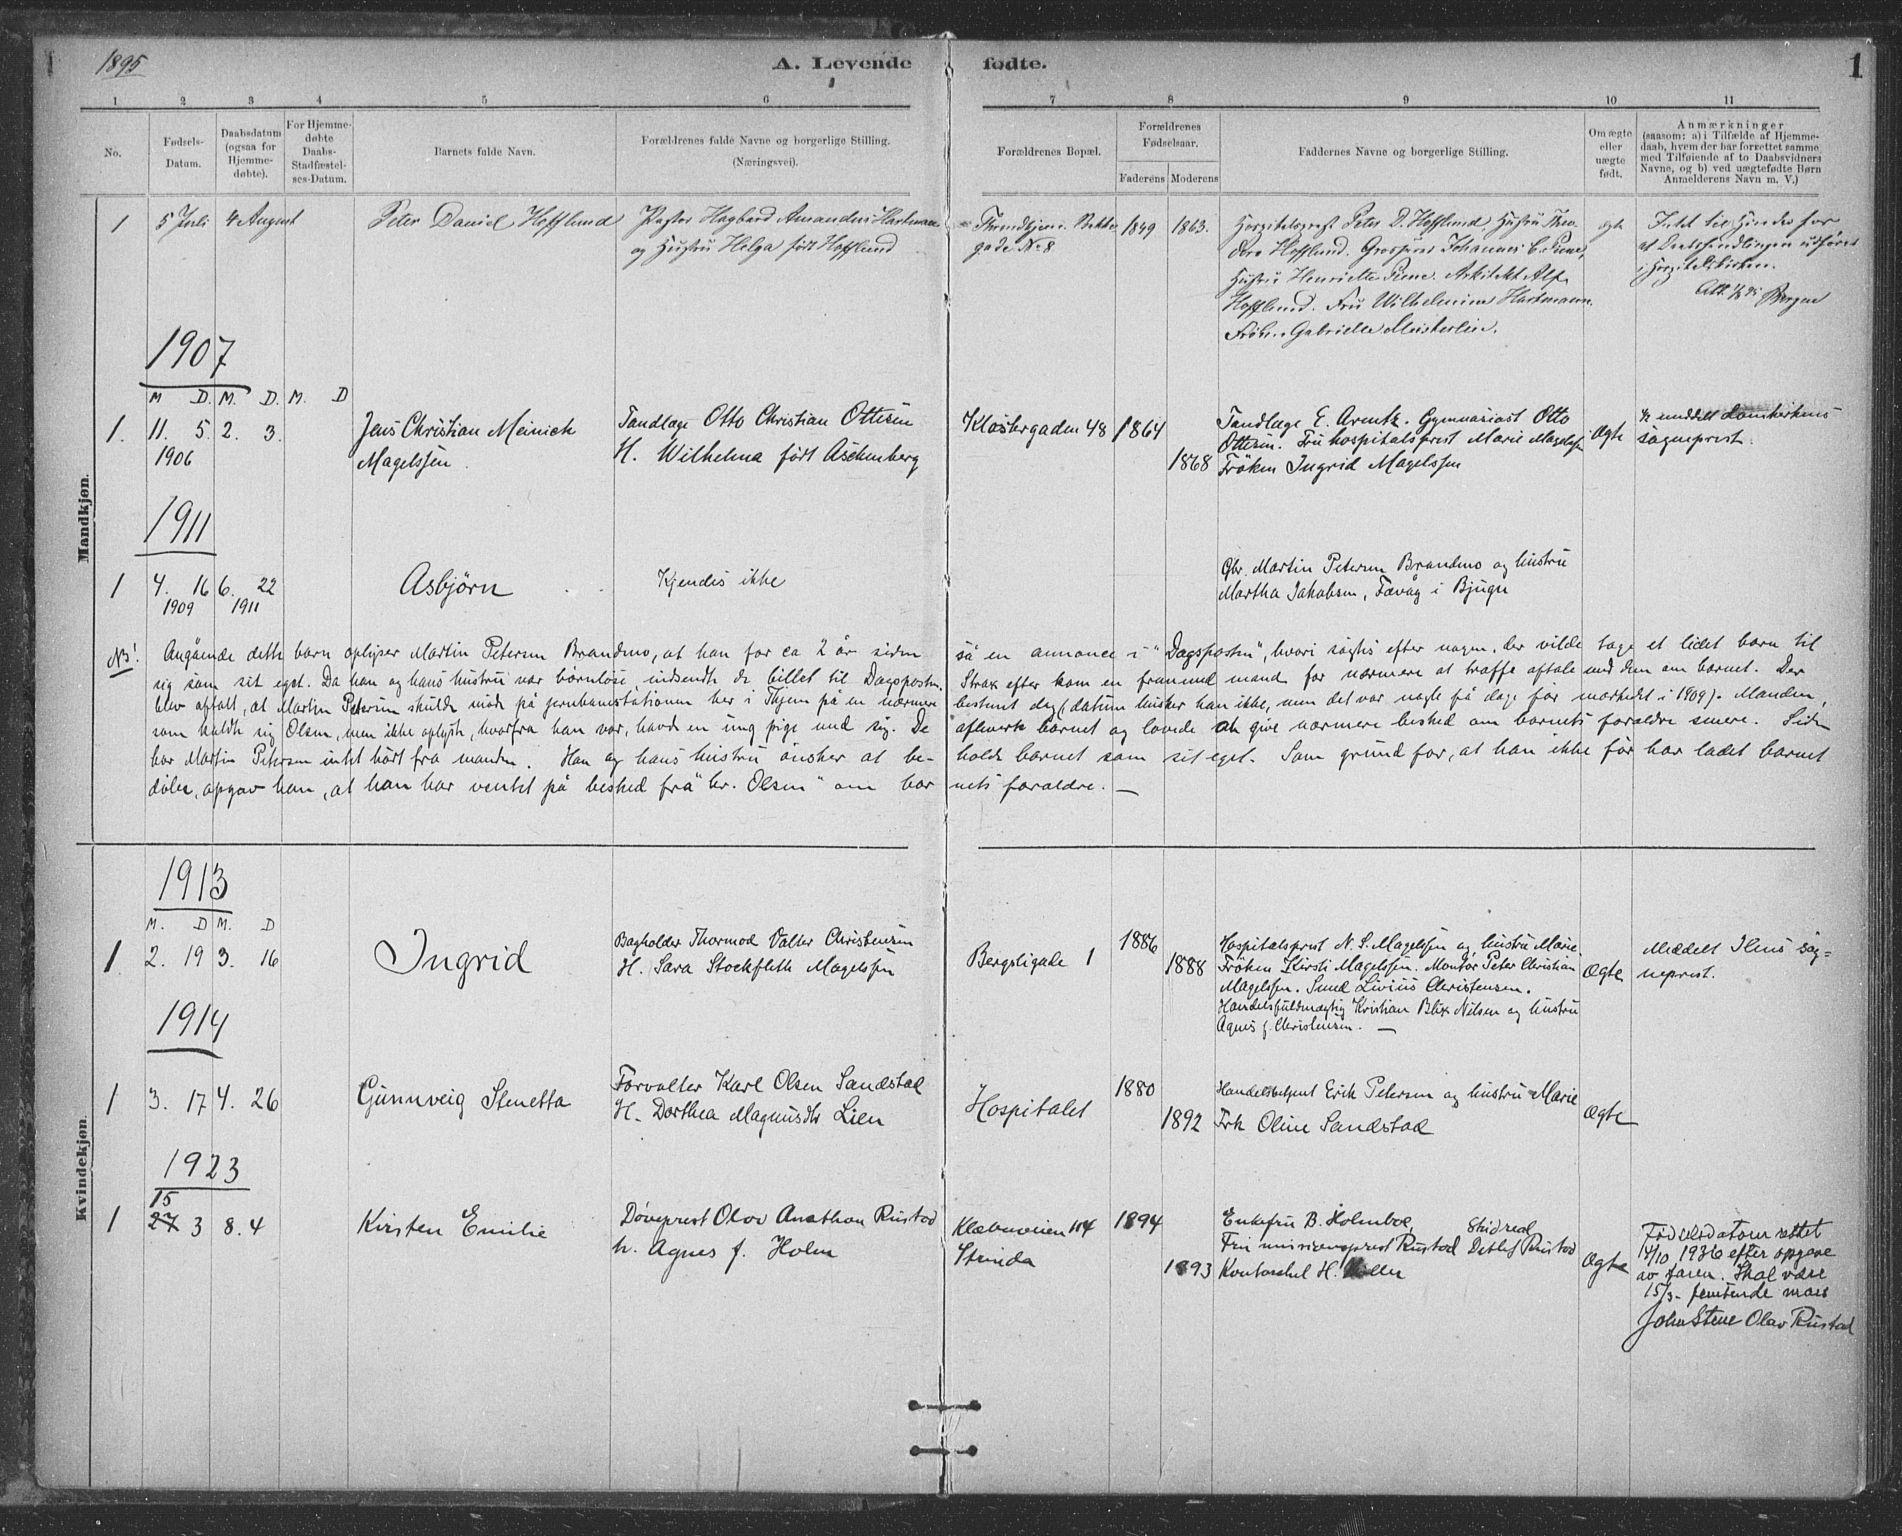 SAT, Ministerialprotokoller, klokkerbøker og fødselsregistre - Sør-Trøndelag, 623/L0470: Ministerialbok nr. 623A04, 1884-1938, s. 1